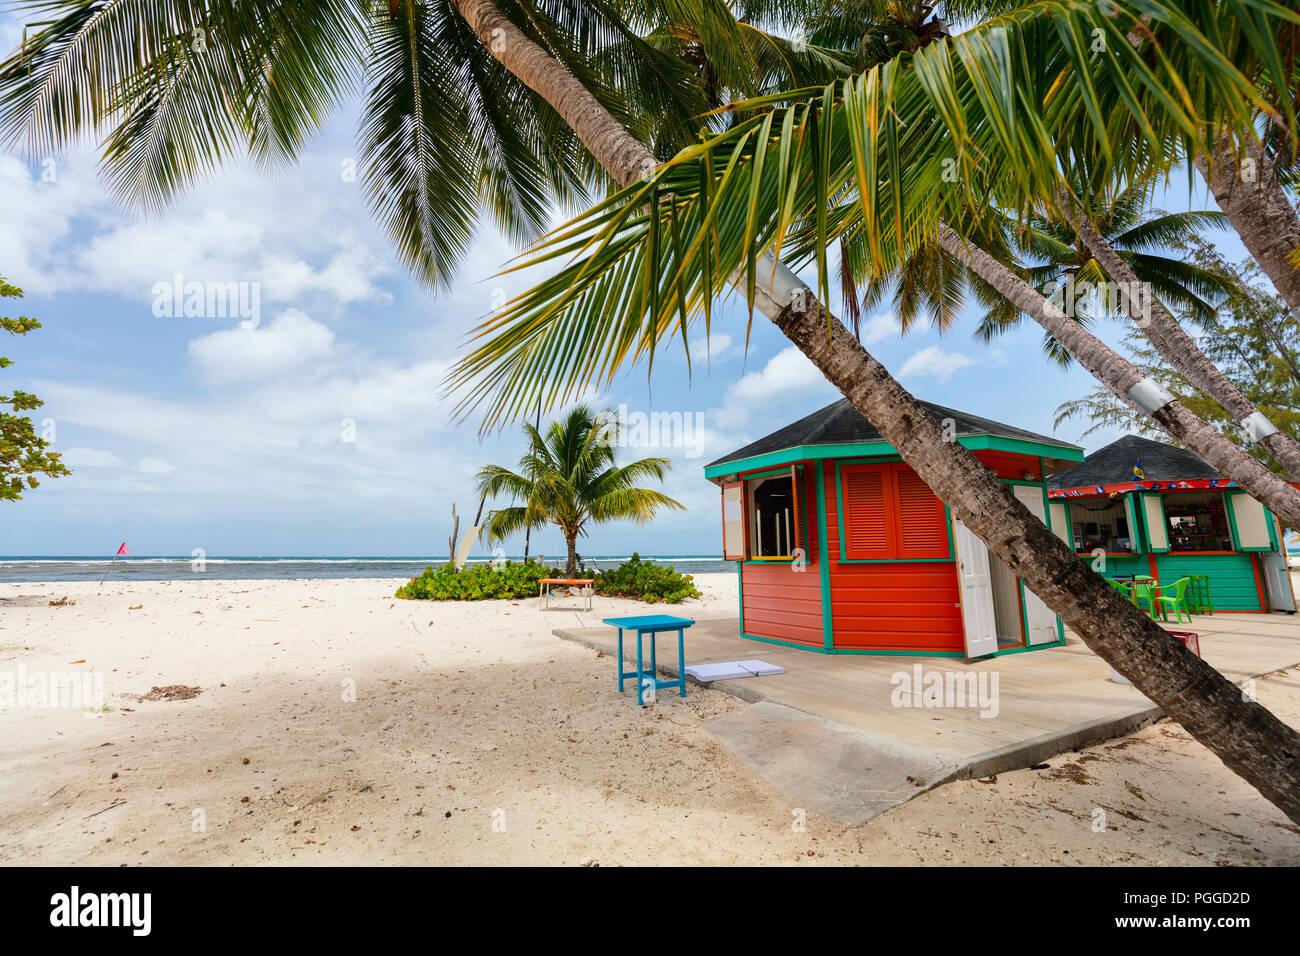 Tropical idyllique plage de sable blanc, de palmiers et d'océan turquoise de l'eau sur l'île de la Barbade dans les Caraïbes Banque D'Images